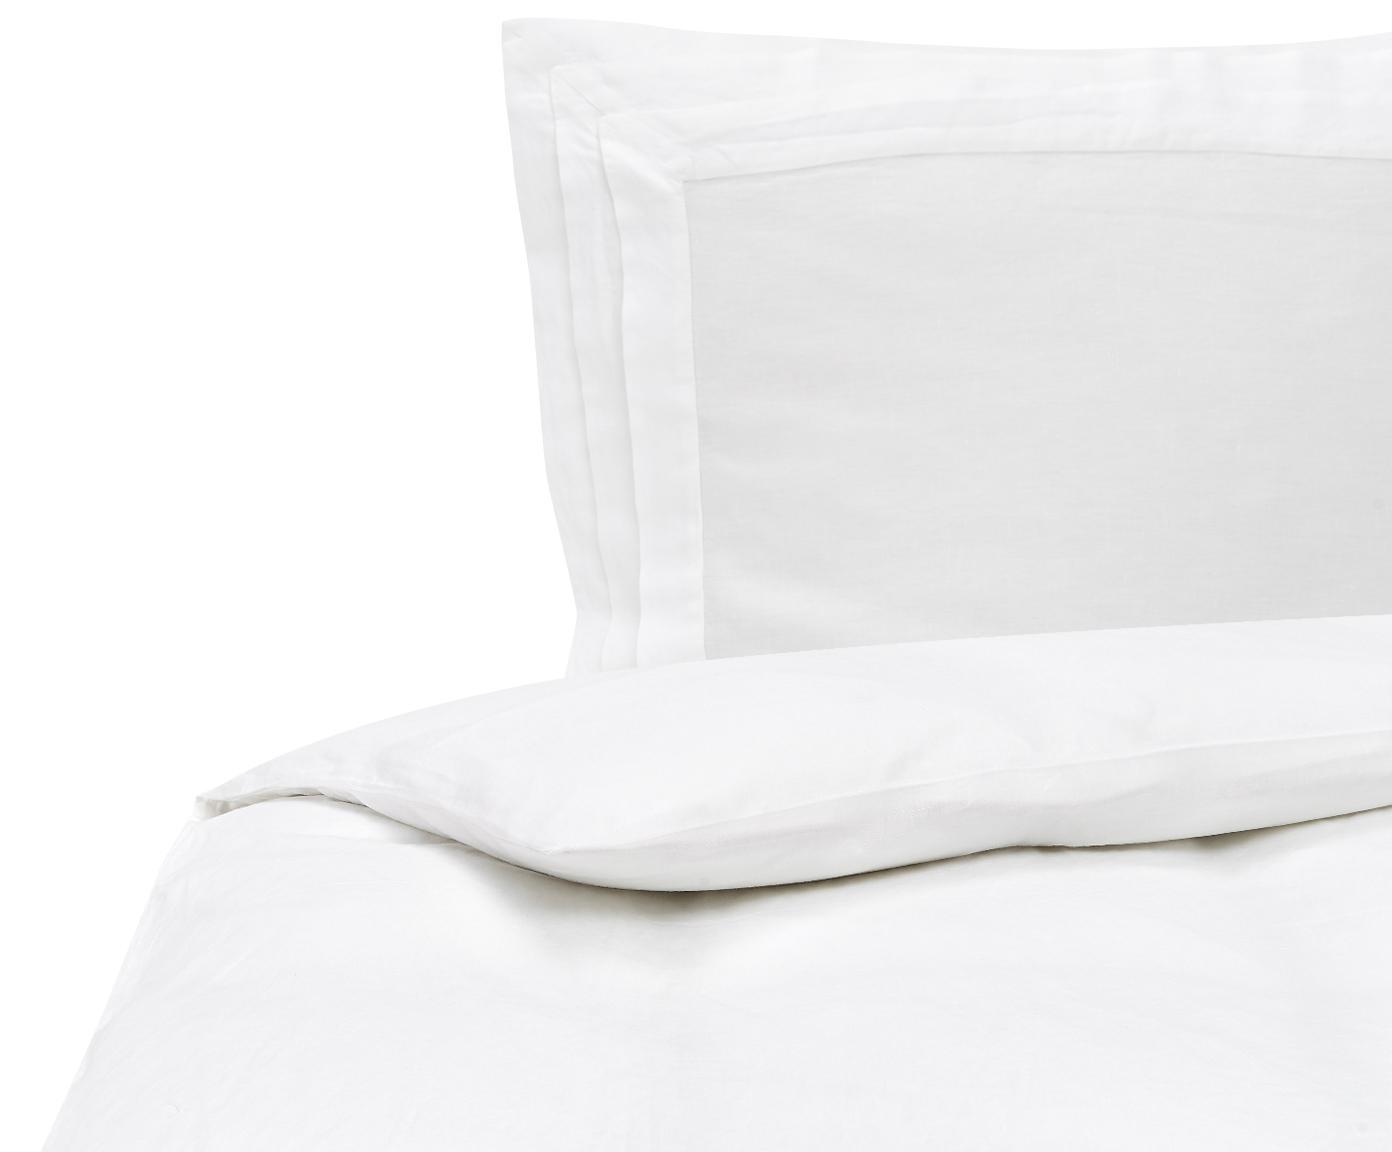 Gewaschene Leinen-Bettwäsche Helena in Weiß mit Stehsaum, Halbleinen (52% Leinen, 48% Baumwolle)  Fadendichte 136 TC, Standard Qualität  Halbleinen hat von Natur aus einen kernigen Griff und einen natürlichen Knitterlook, der durch den Stonewash-Effekt verstärkt wird. Es absorbiert bis zu 35% Luftfeuchtigkeit, trocknet sehr schnell und wirkt in Sommernächten angenehm kühlend. Die hohe Reißfestigkeit macht Halbleinen scheuerfest und strapazierfähig., Weiß, 135 x 200 cm + 1 Kissen 80 x 80 cm